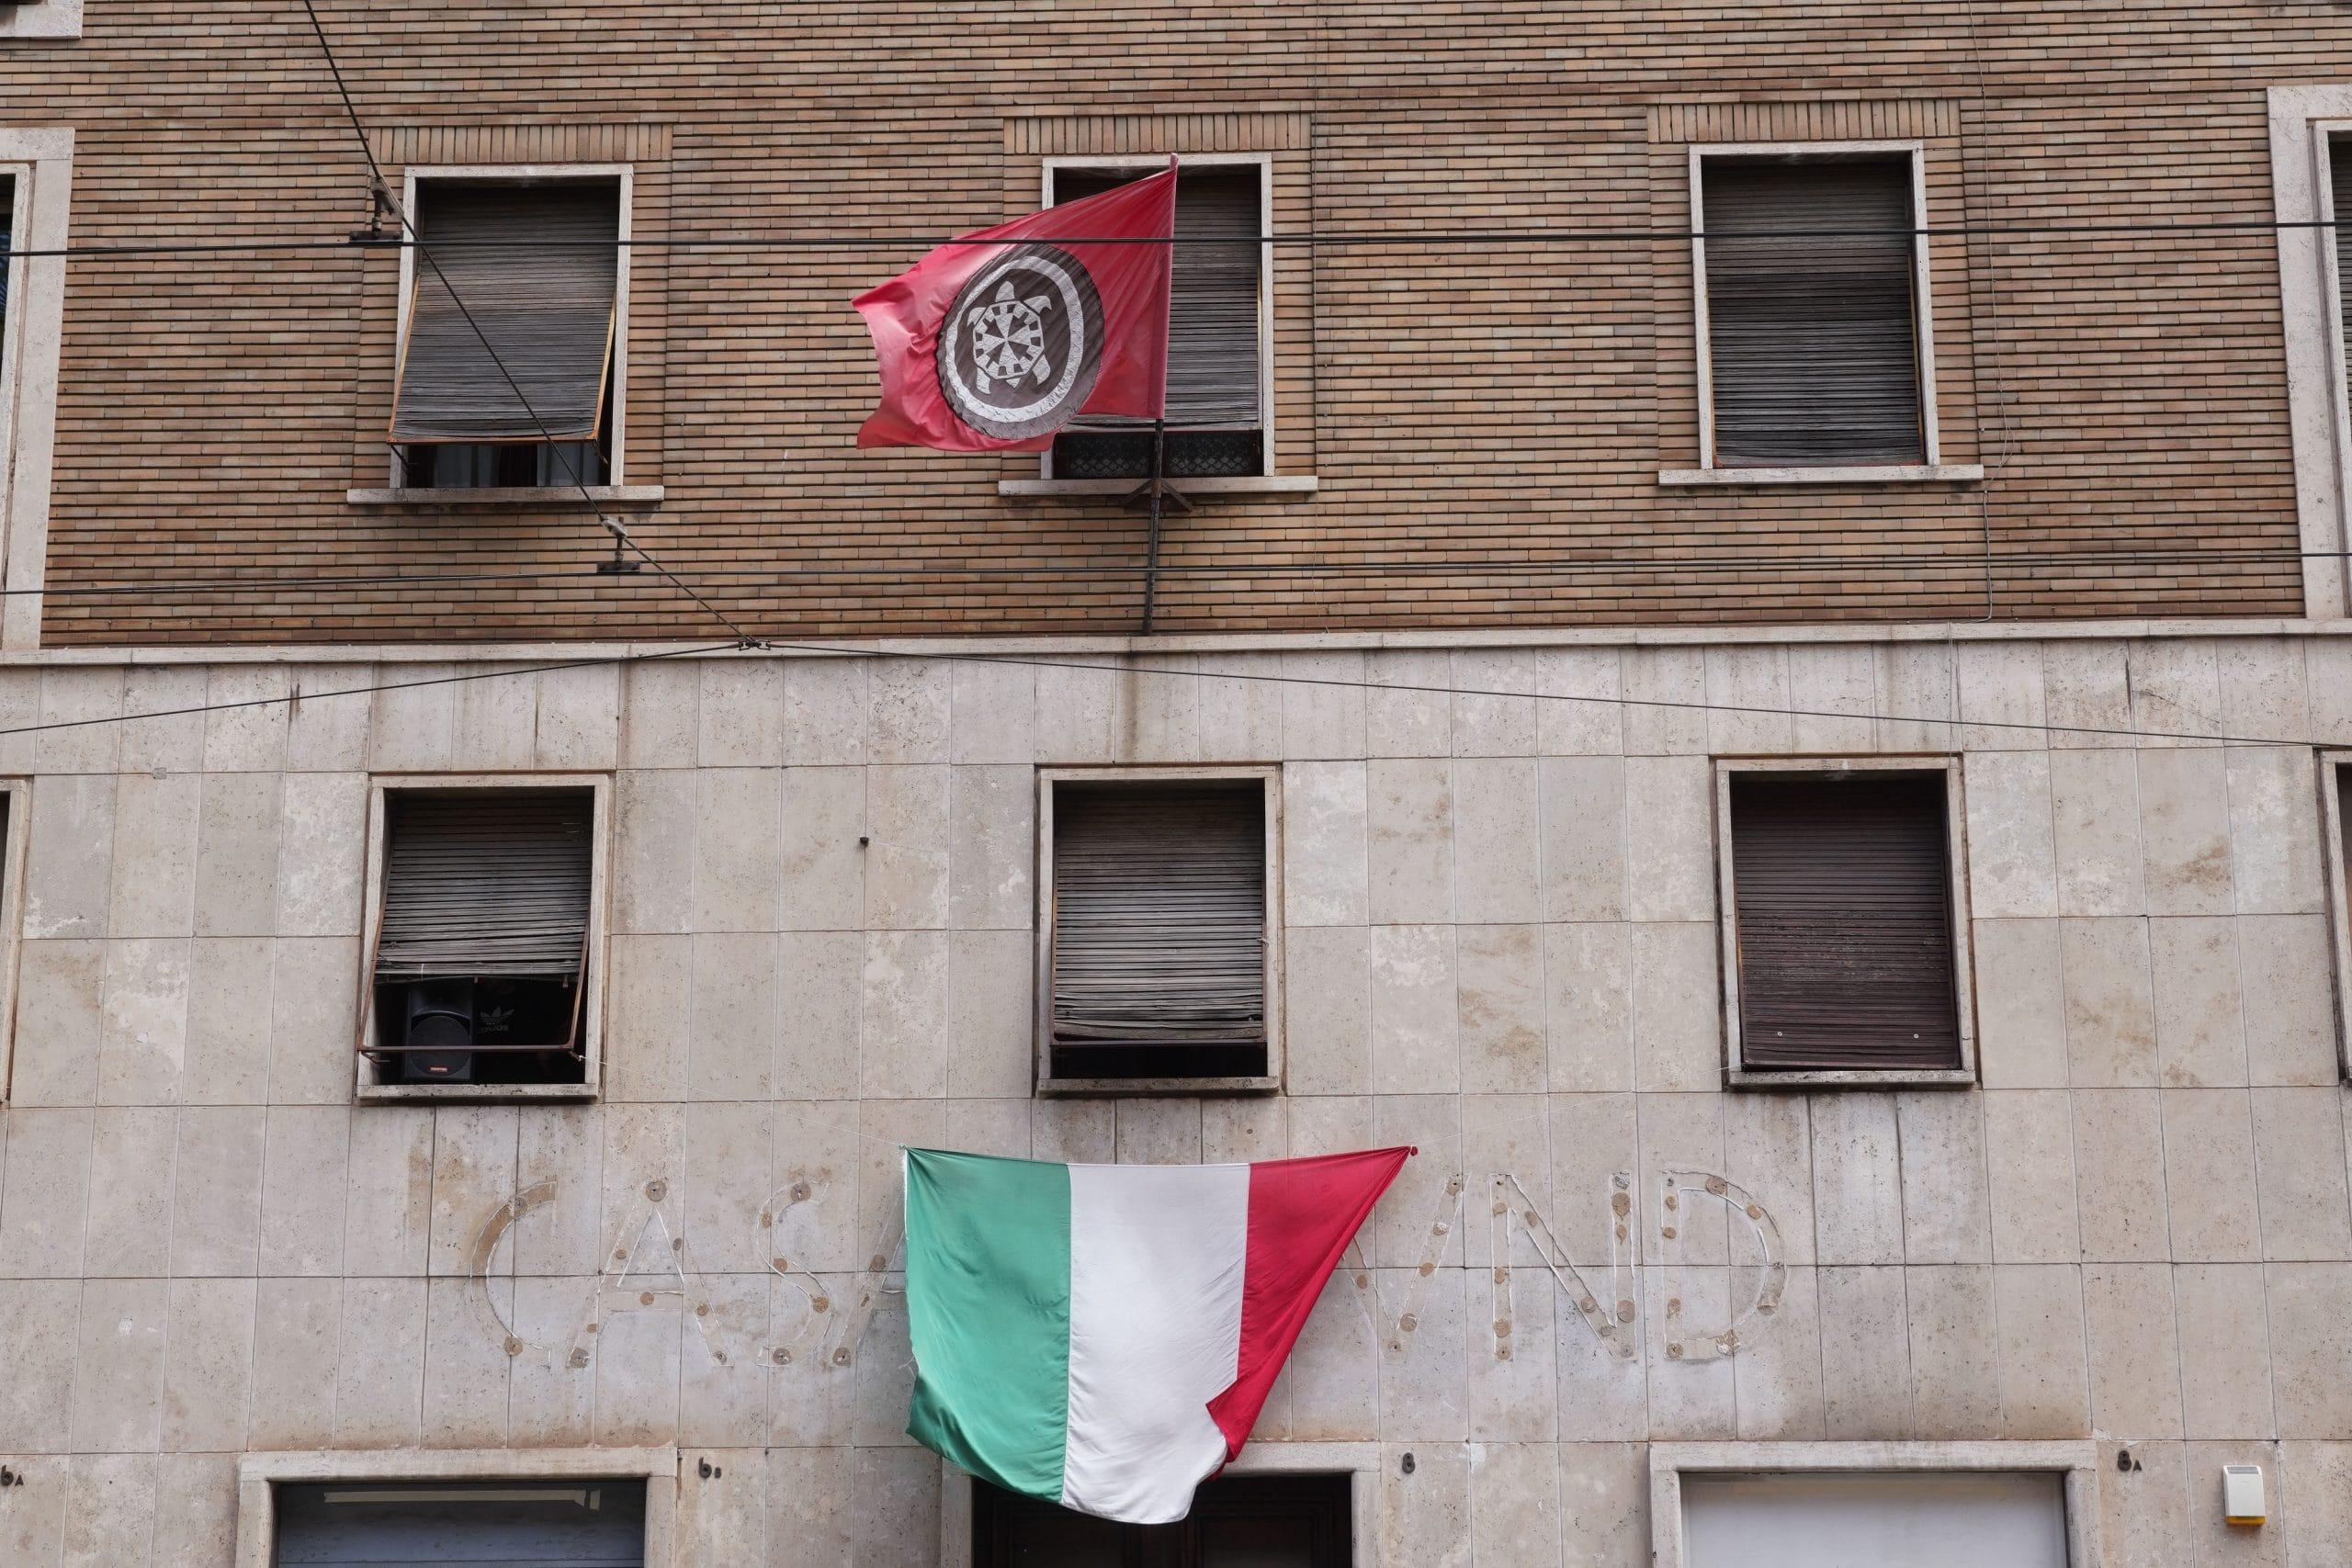 La sede nazionale a Roma di CasaPound Italia. I locali occupati non sono stati sgomberati ma dallo scorso anno i fascisti del terzo millennio hanno almeno dovuto rimuovere l'insegna della loro organizzazione (foto Imagoeconomica)